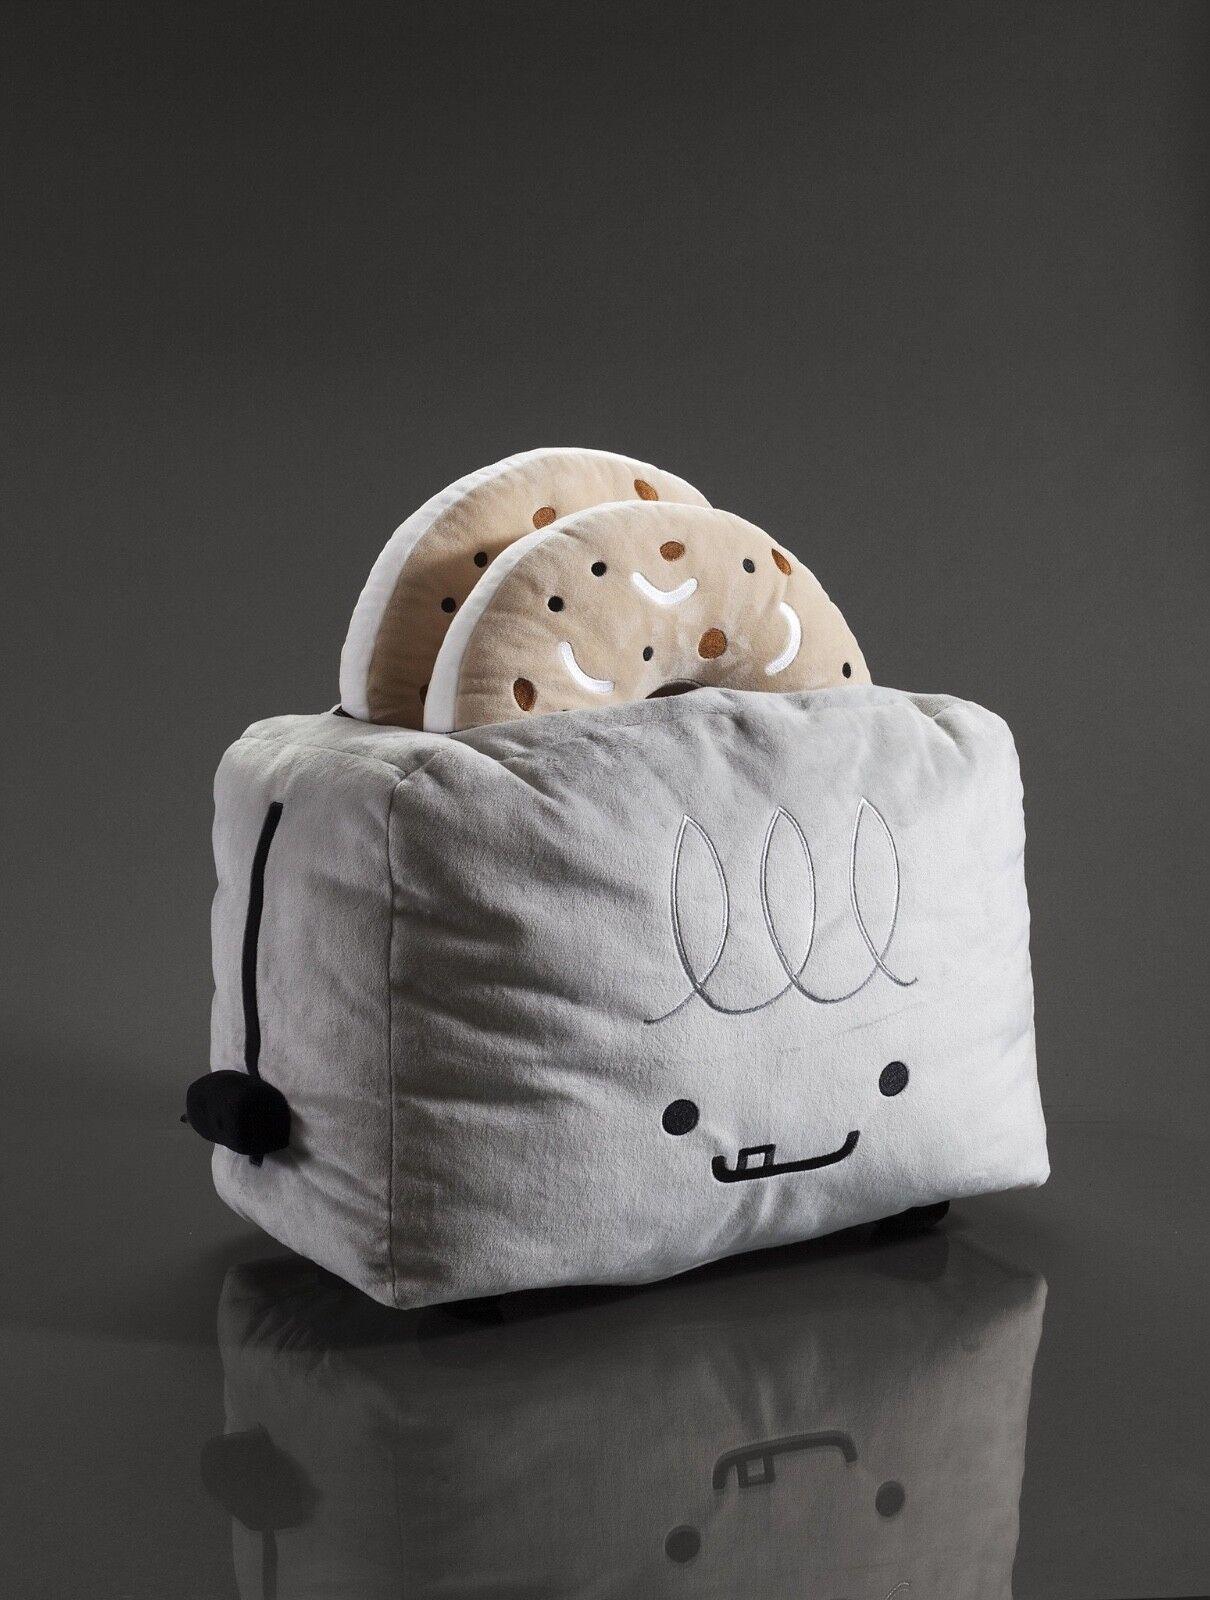 Unterzeichnet von künstler jede bffs - travis cain verkauf toaster & bagel plushes